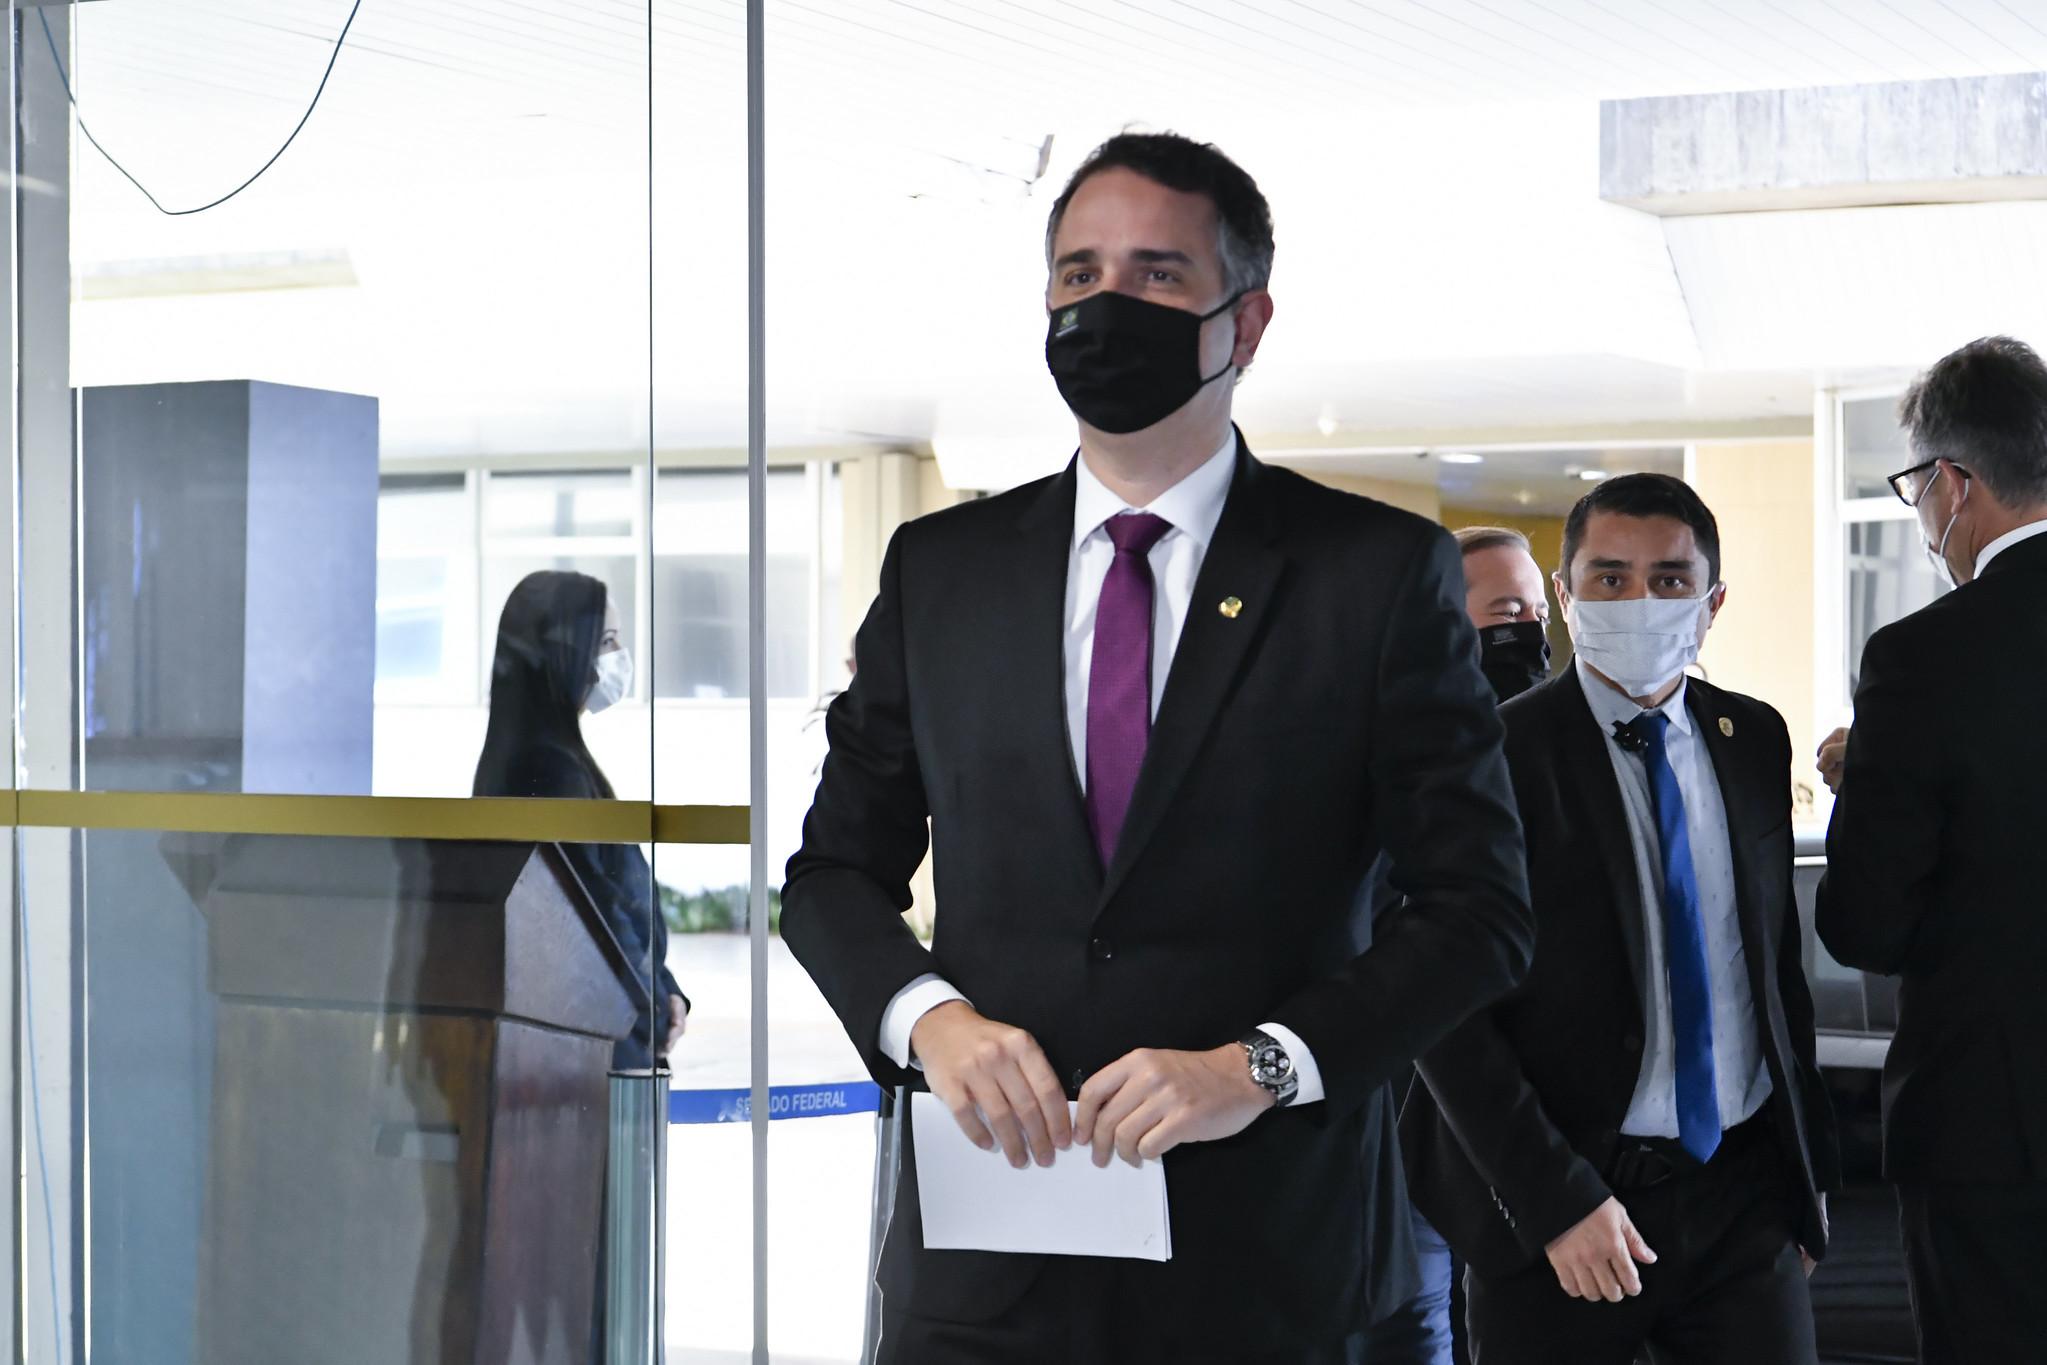 IMAGEM: Pacheco cancela sessões remotas e comissões do Senado nesta semana